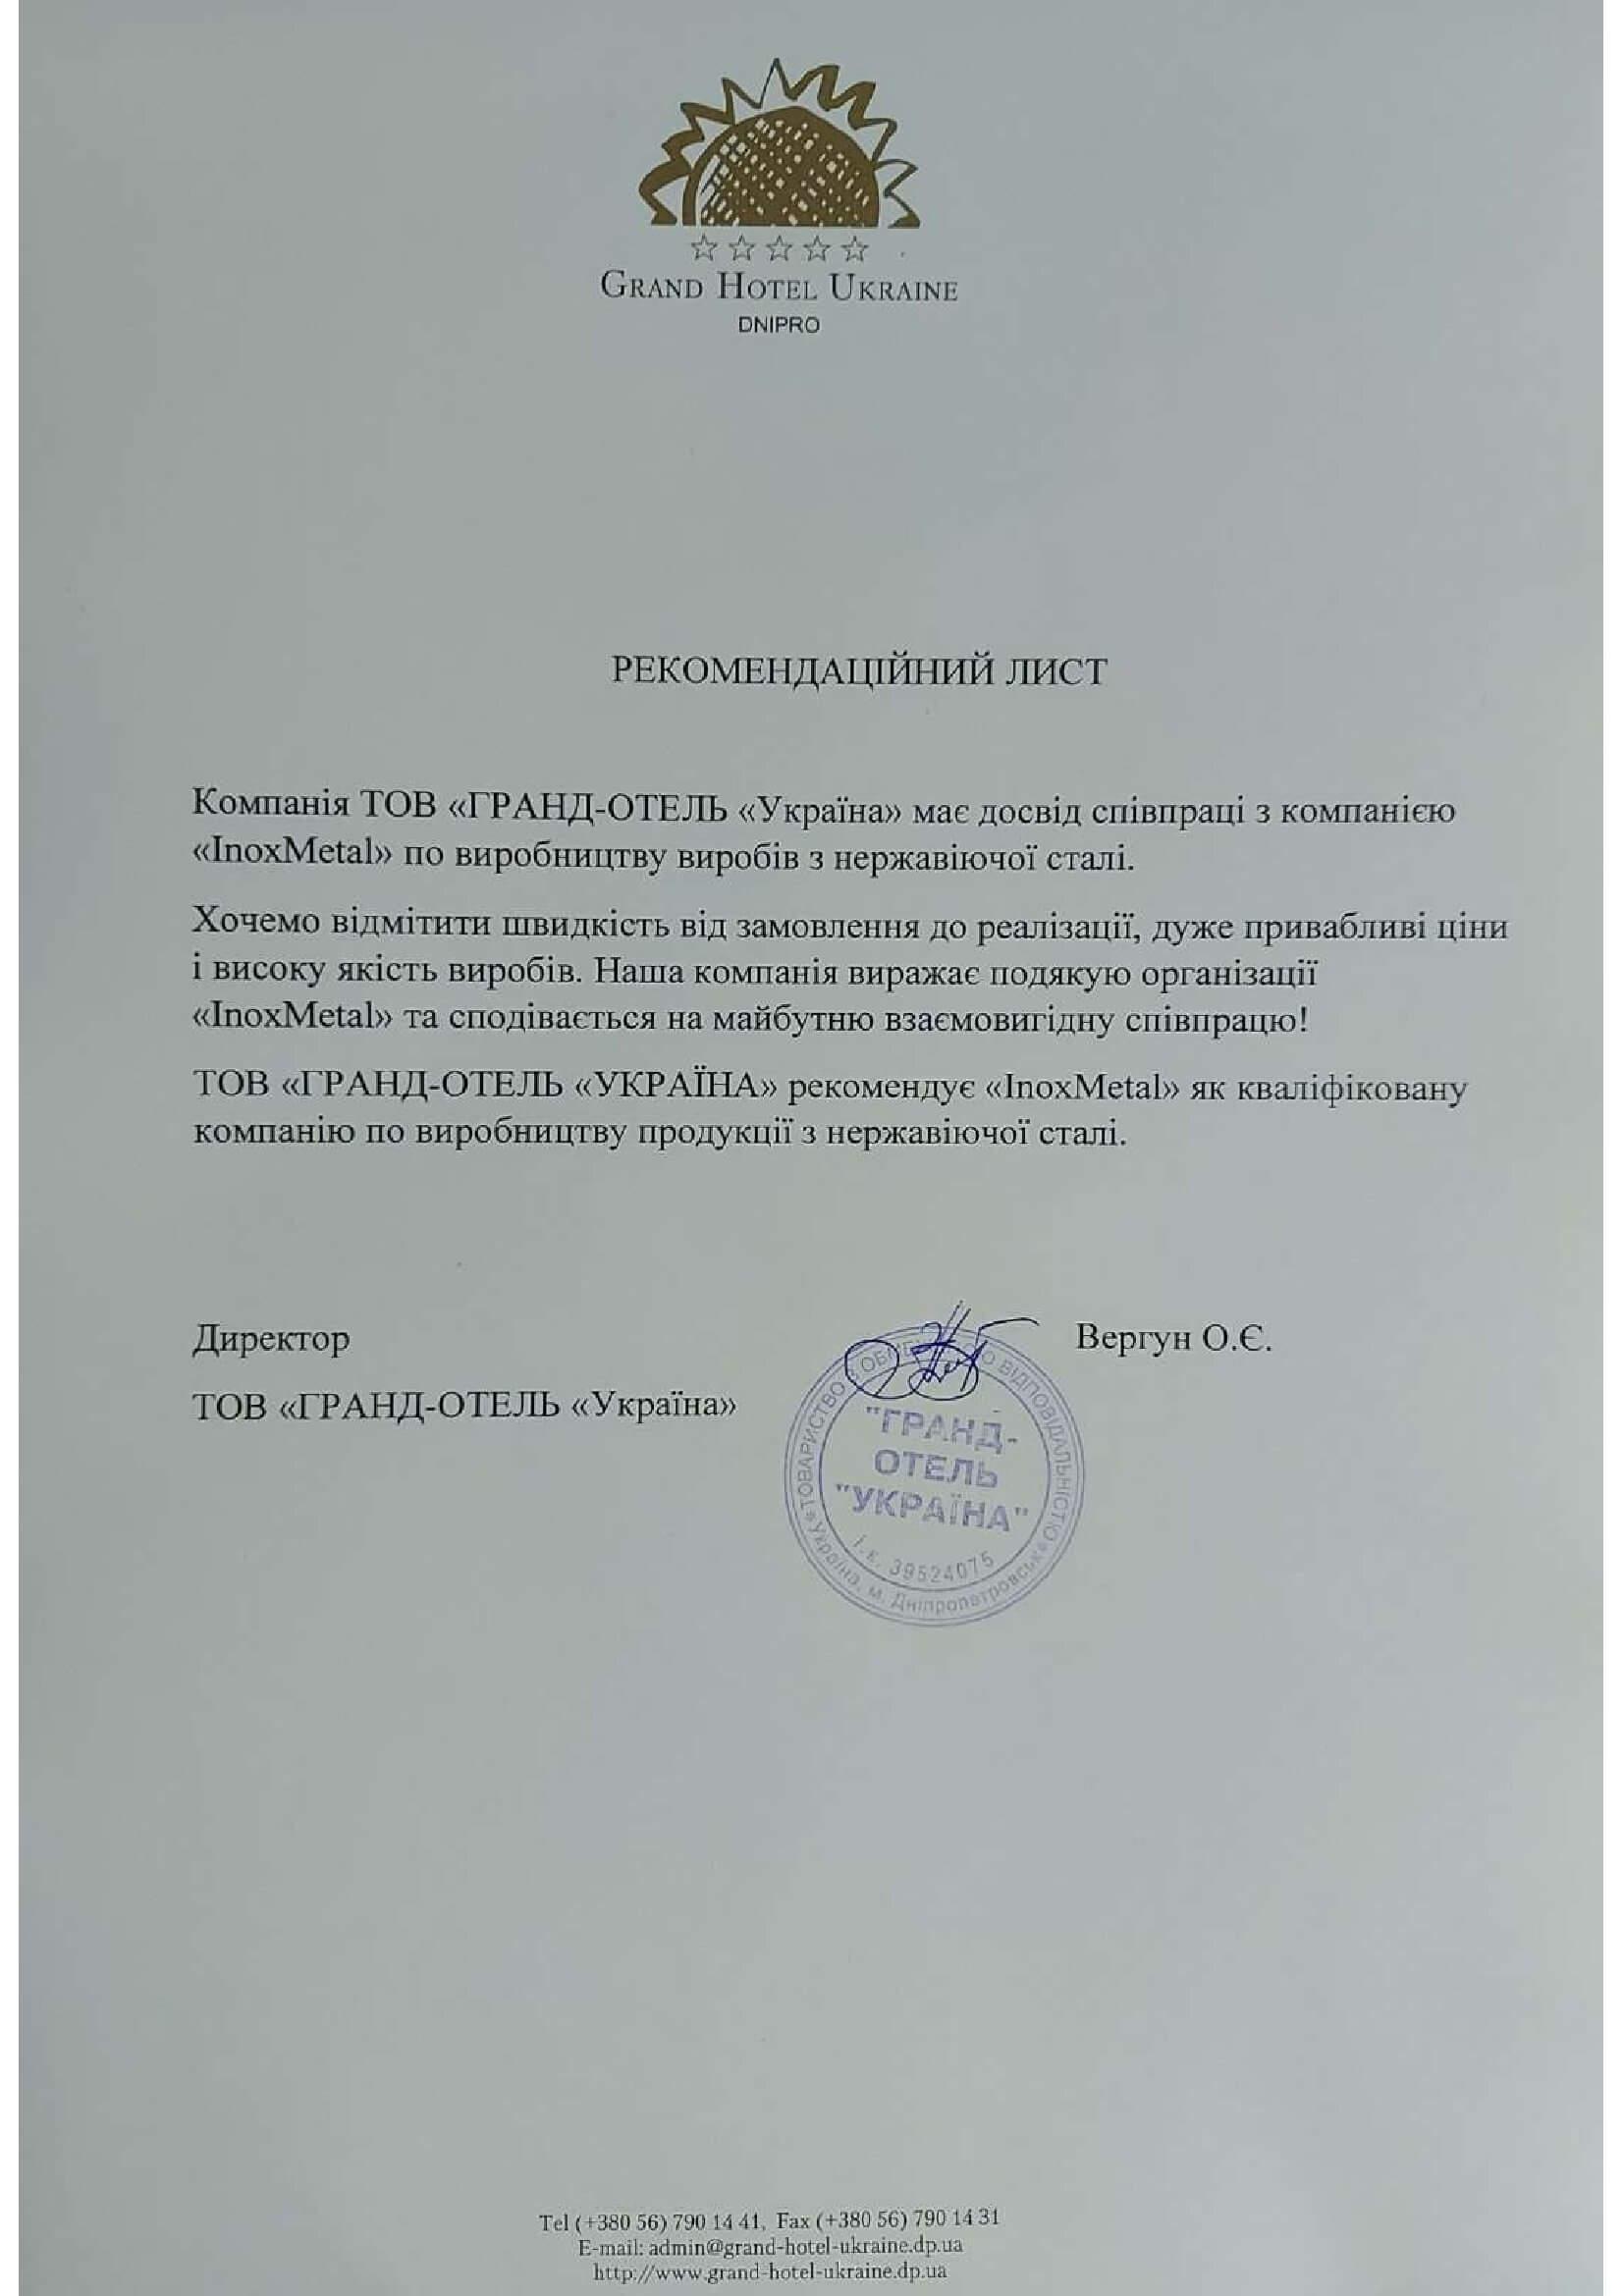 Отзыв на InoxMetal от ТОВ «ГРАНД-ОТЕЛЬ «Україна»